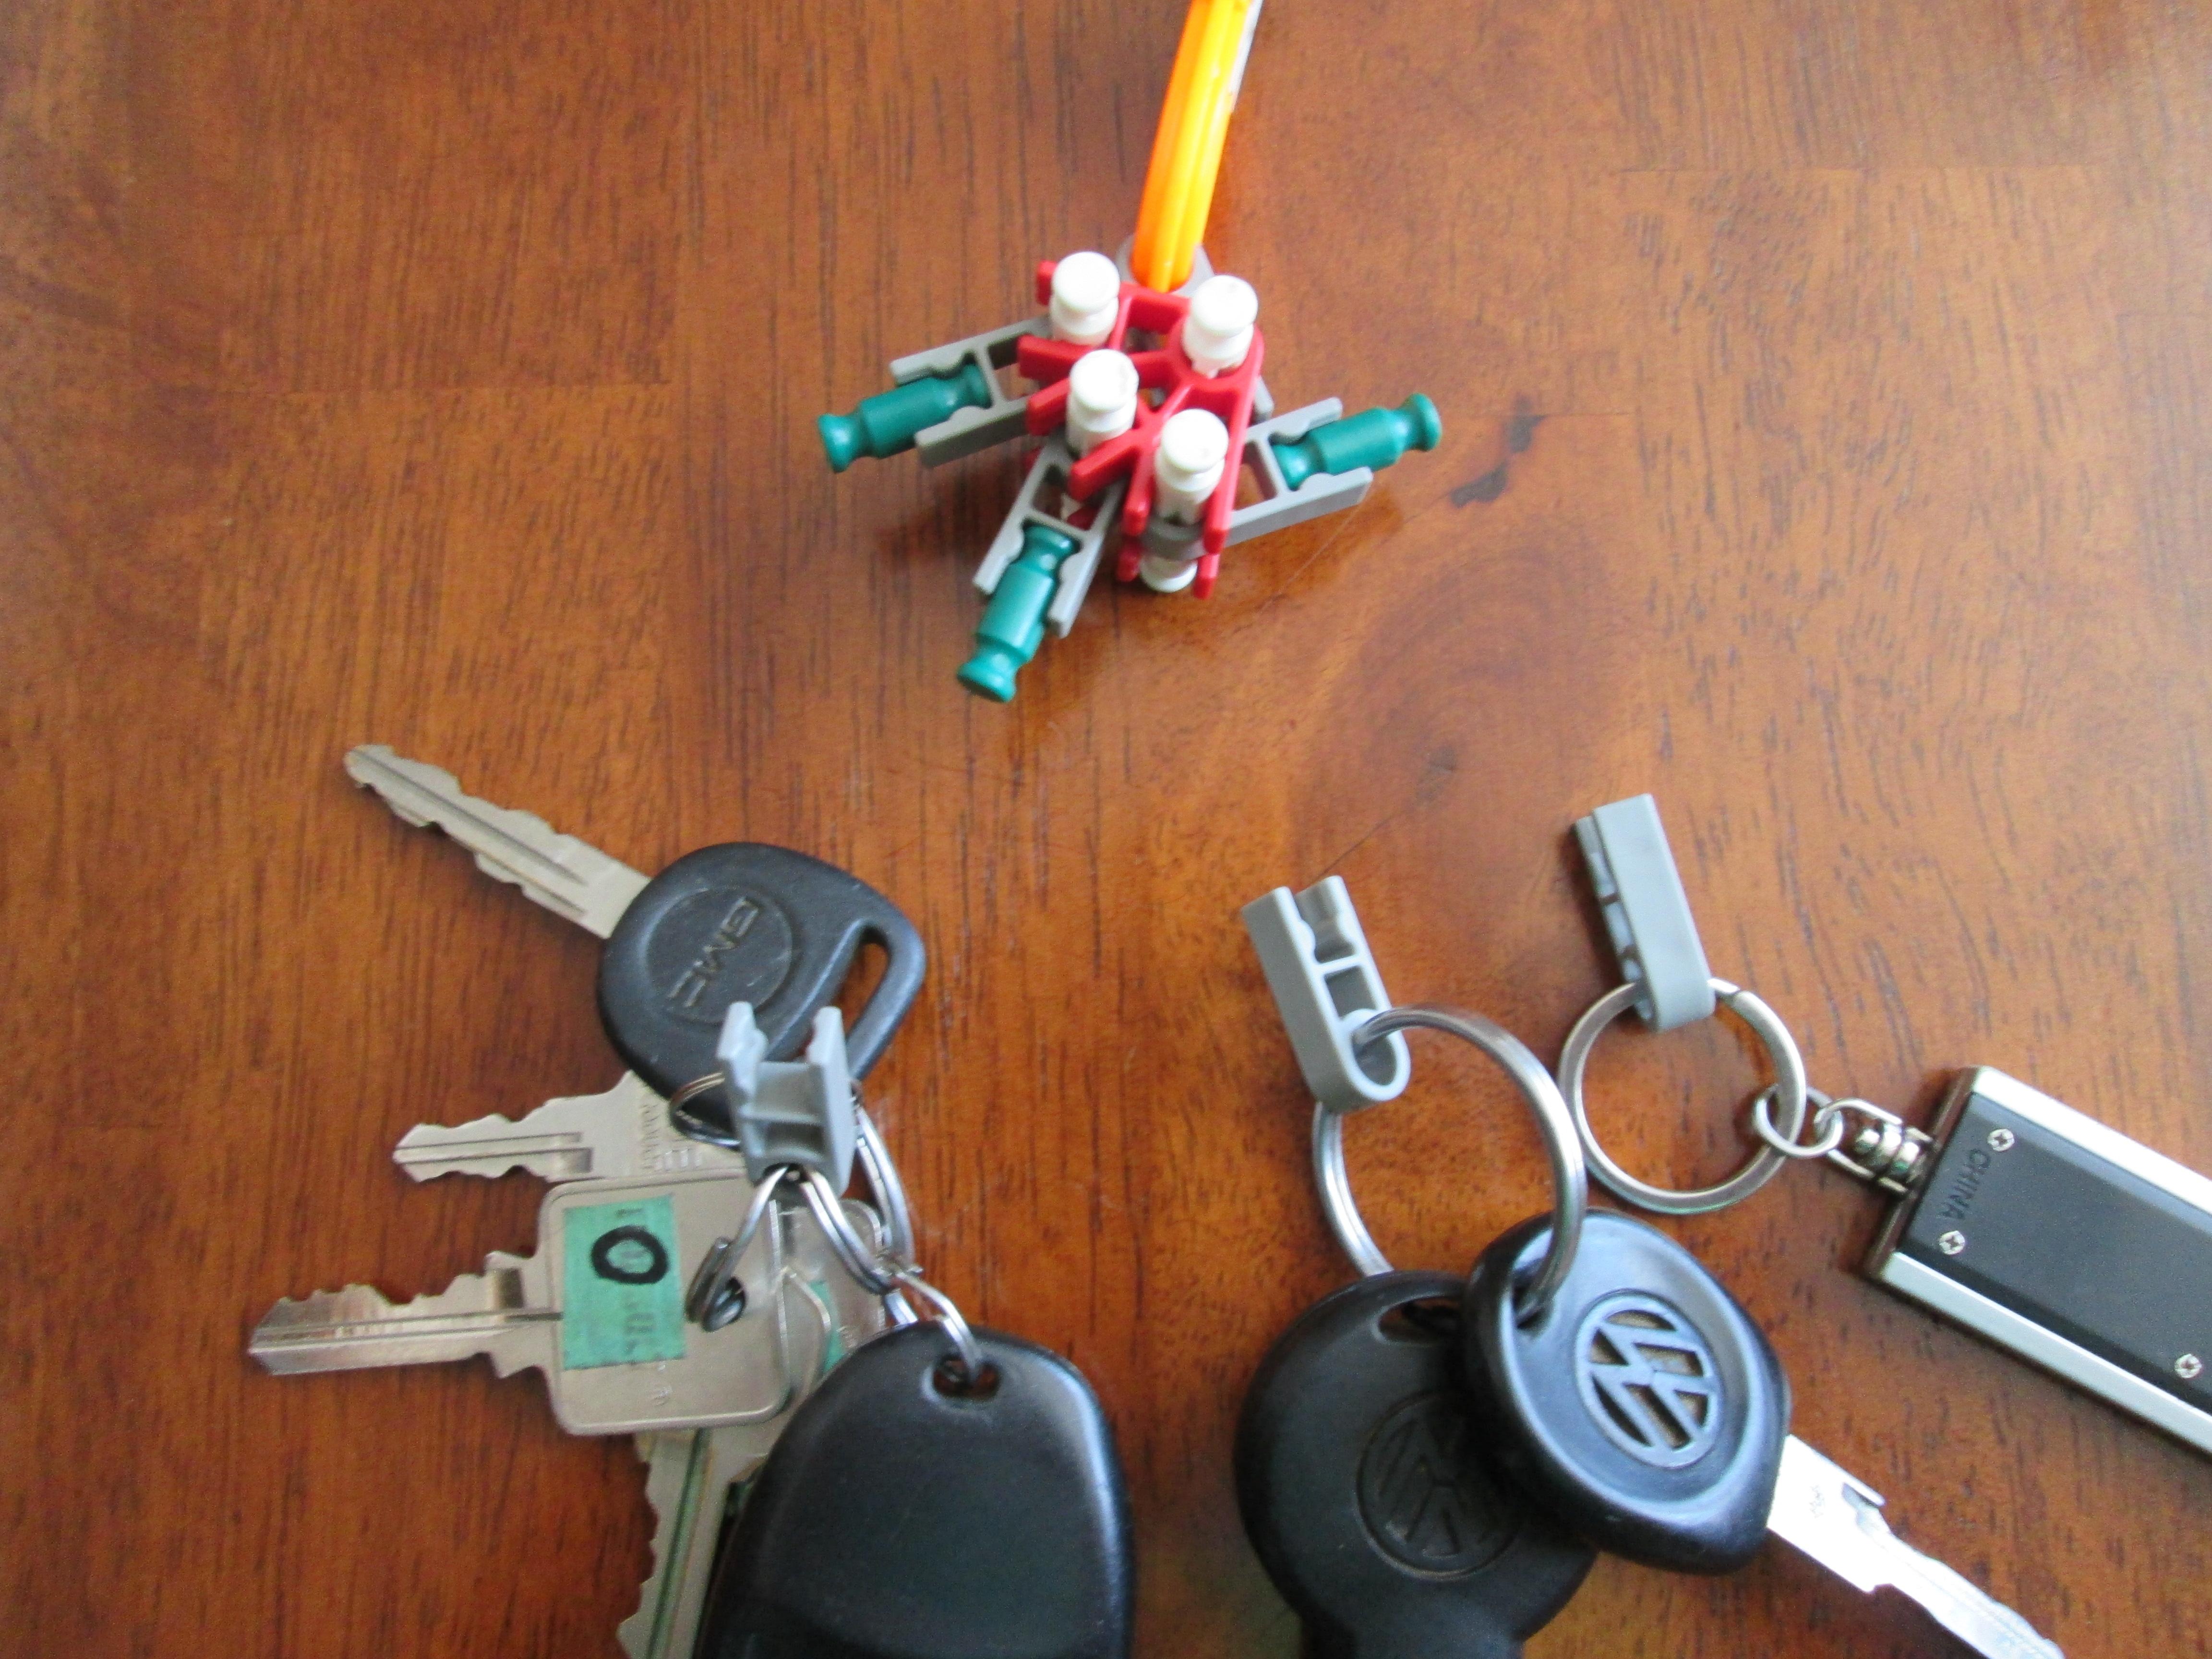 knex key chain